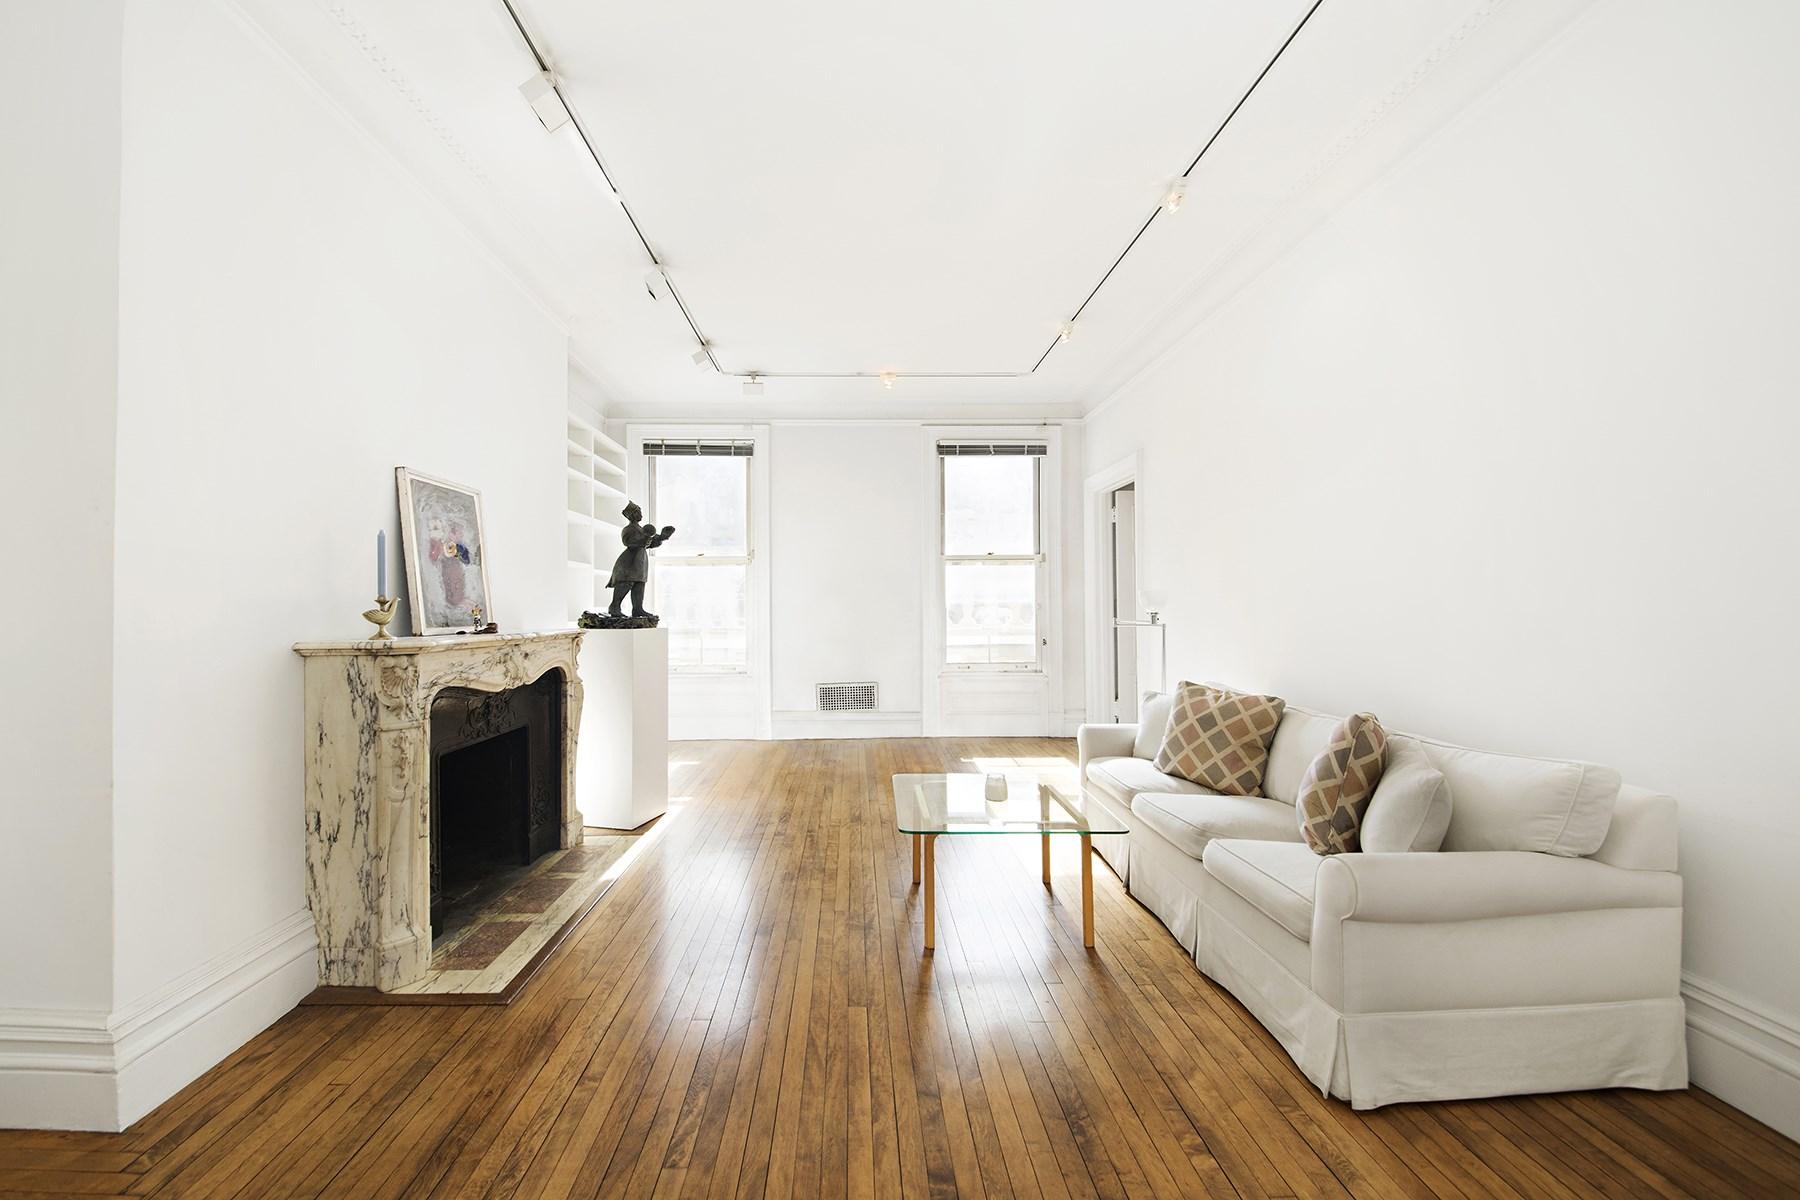 Nhà tập thể vì Bán tại 11 East 73rd Street, Apartment 4B Upper East Side, New York, New York, 10021 Hoa Kỳ